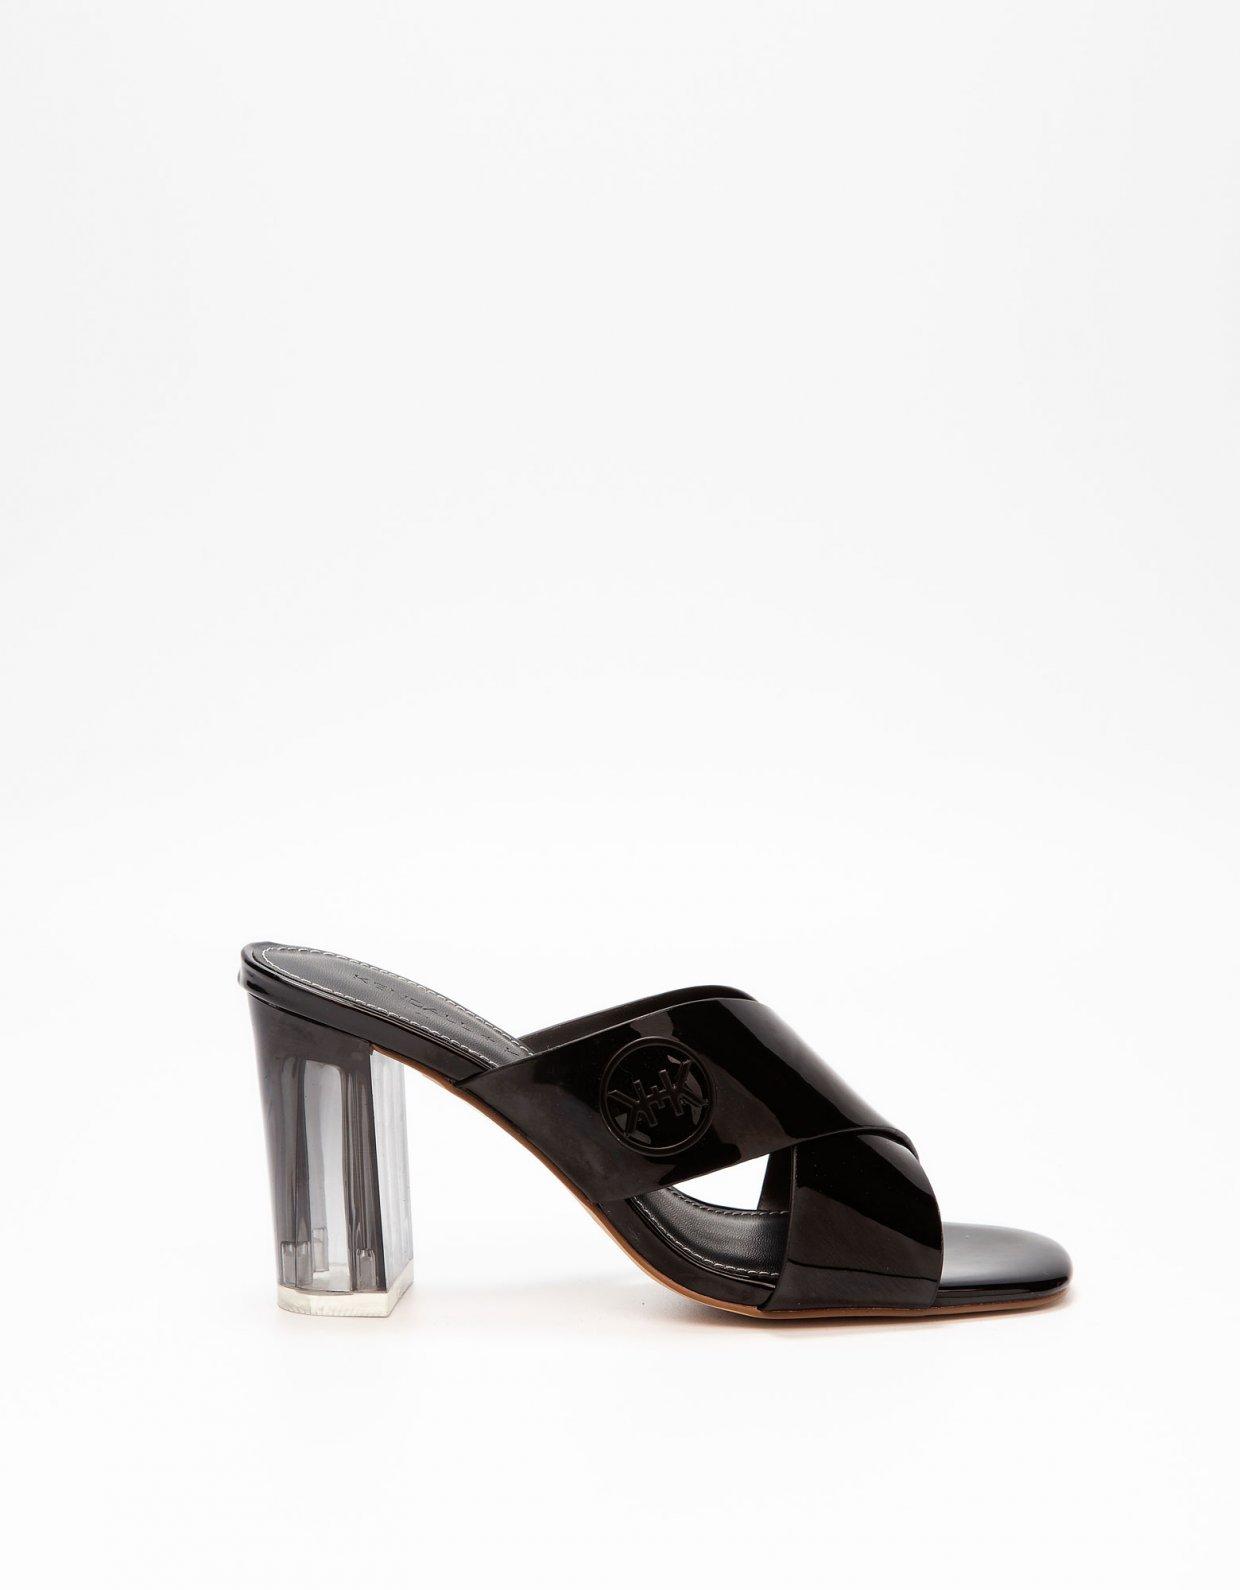 Kendall + Kylie KK Megyn 2.0 sandals black